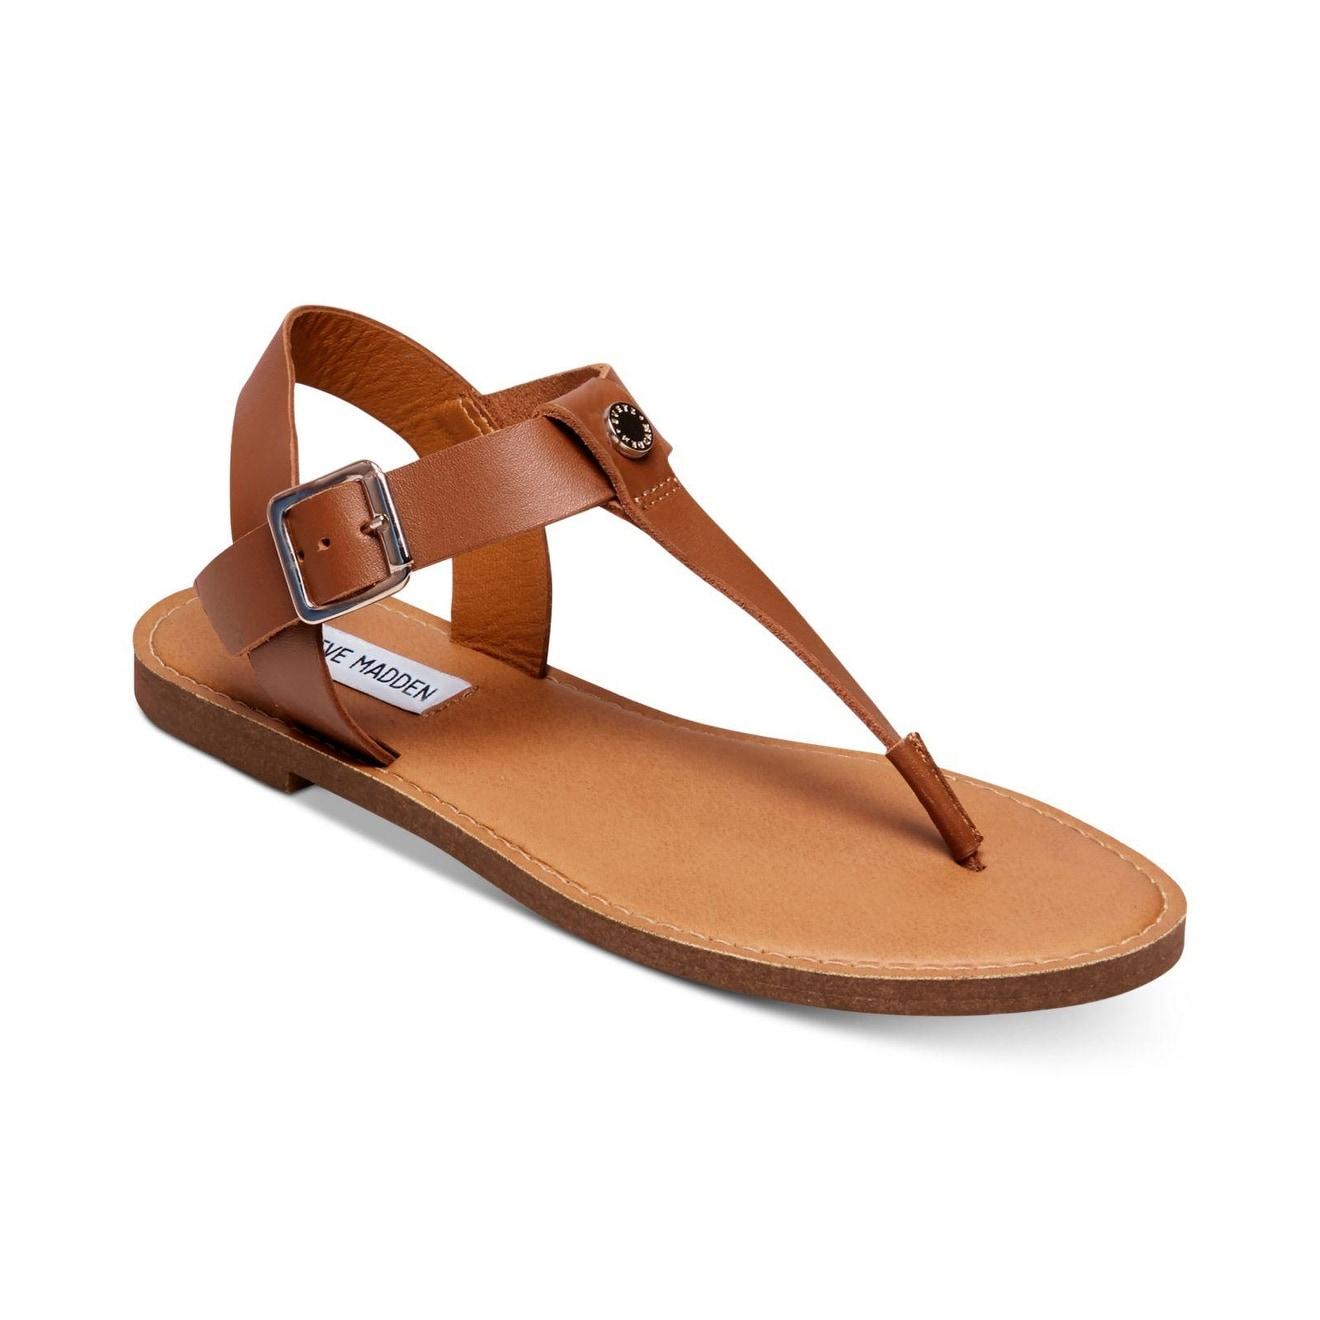 70b59331bc77 Buy Steve Madden Women s Sandals Online at Overstock